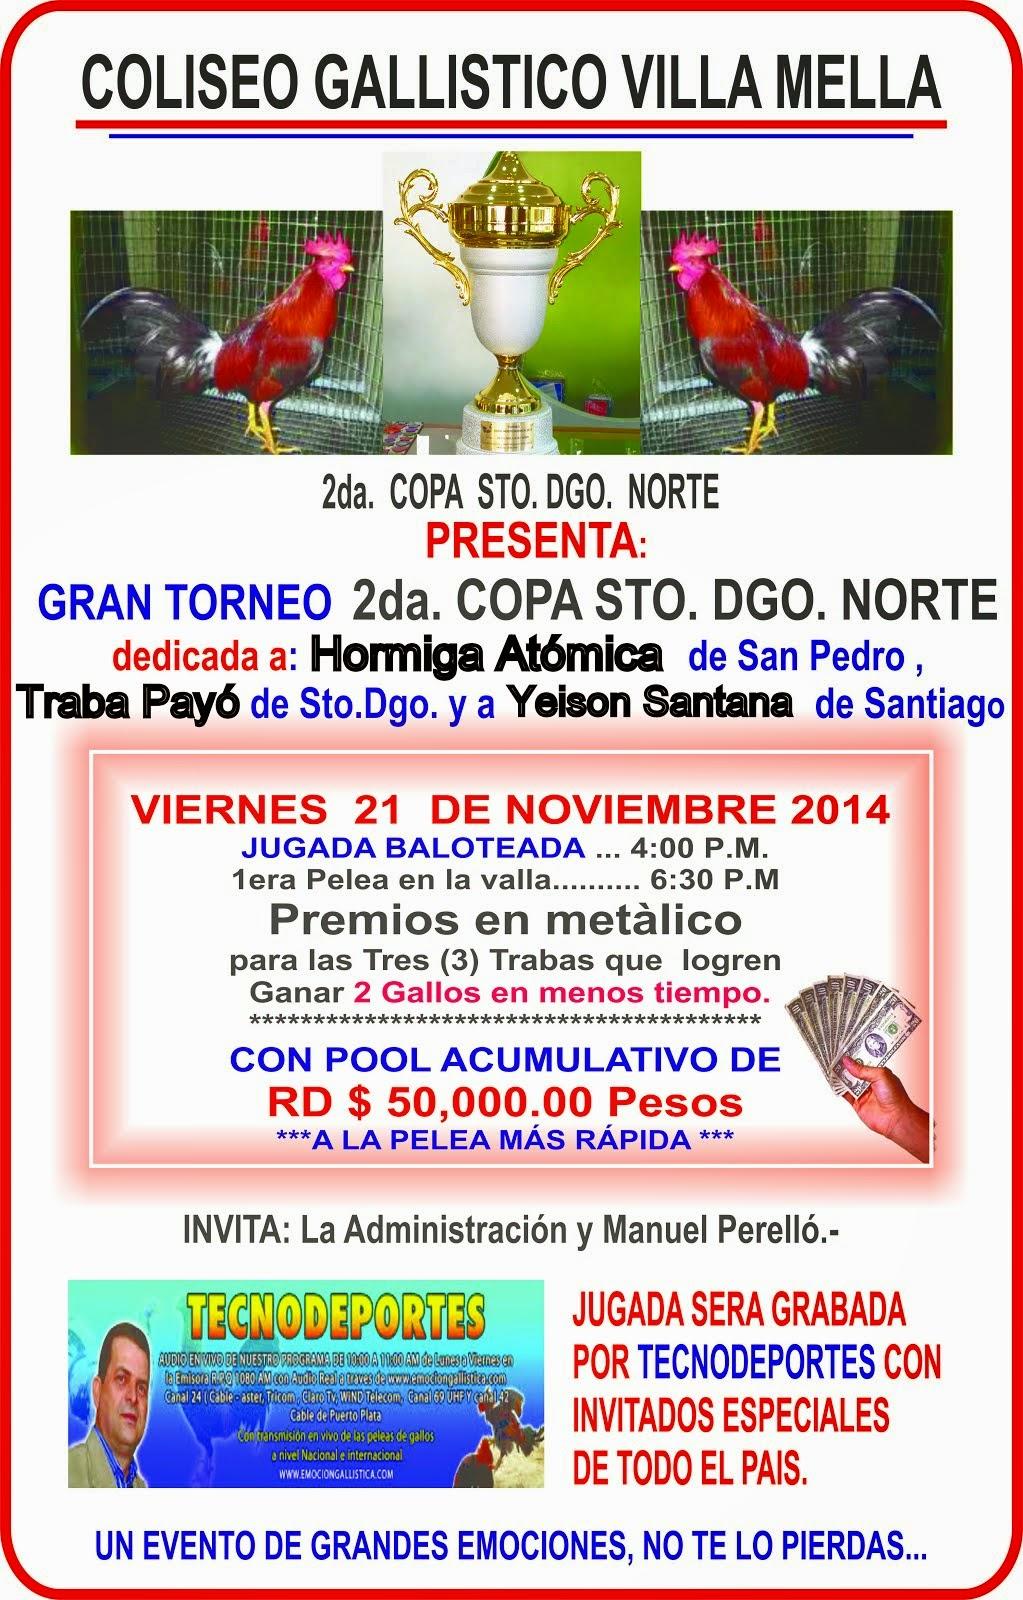 Torneo 2da Copa Sto.Dgo. Norte en el Coliseo Gallistico Villa Mella este Viernes 21 de Noviembre